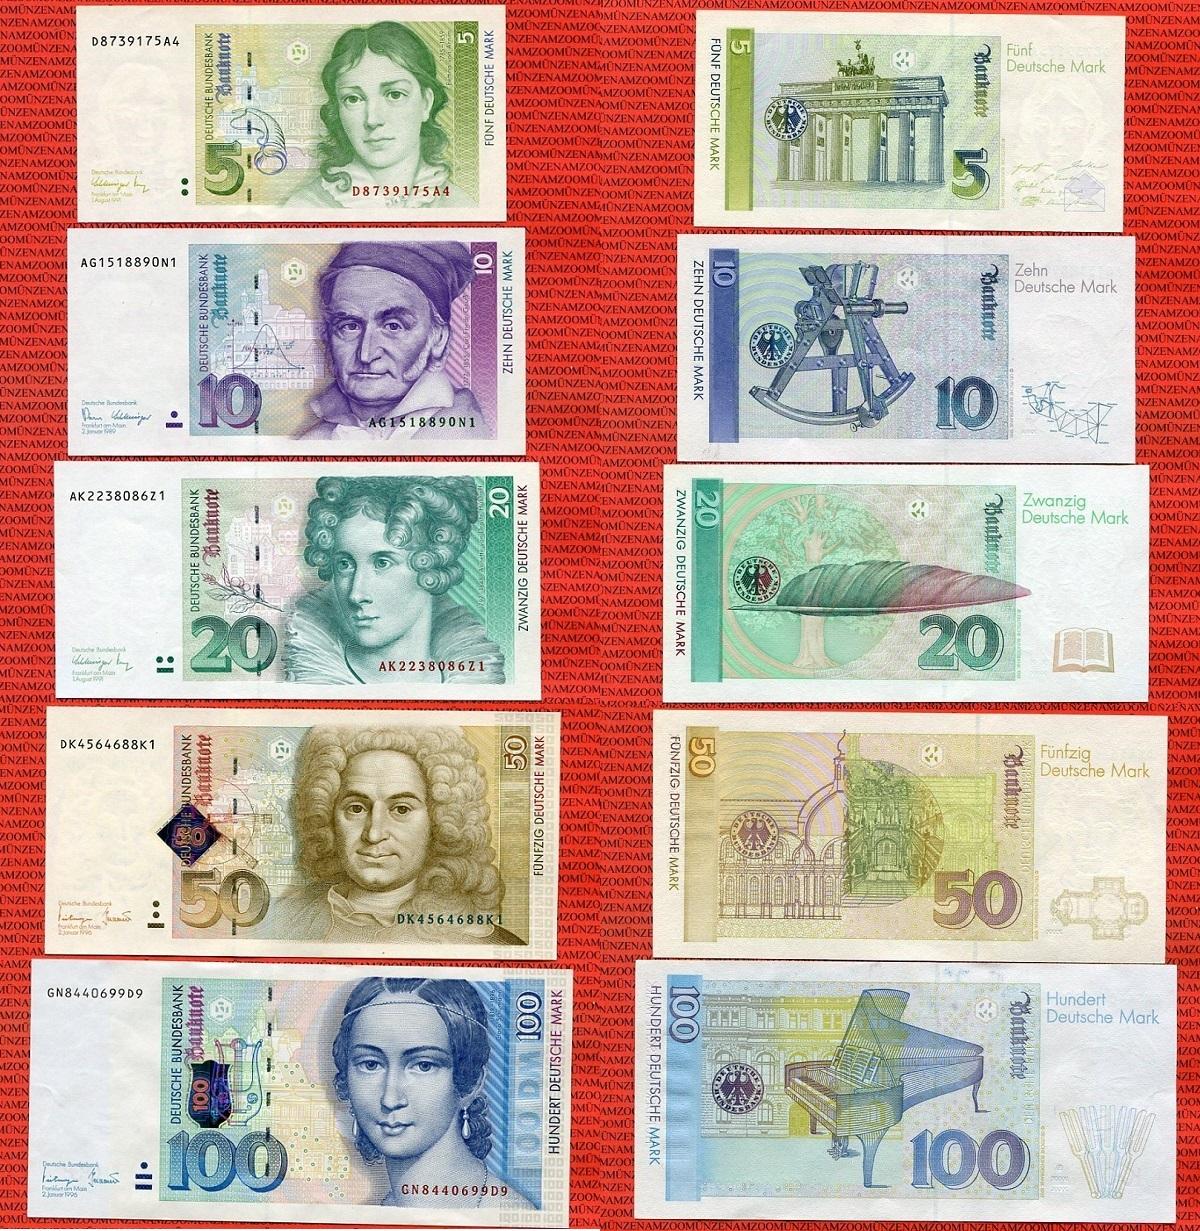 Brdbundesrepublik Deutschland Frg Germany 5 Dm 100 Dm Deutsche Mark Lot 1989 1996 Deutsche Bundesbank Lot 5 Banknoten Lot I Ii Ma Shops